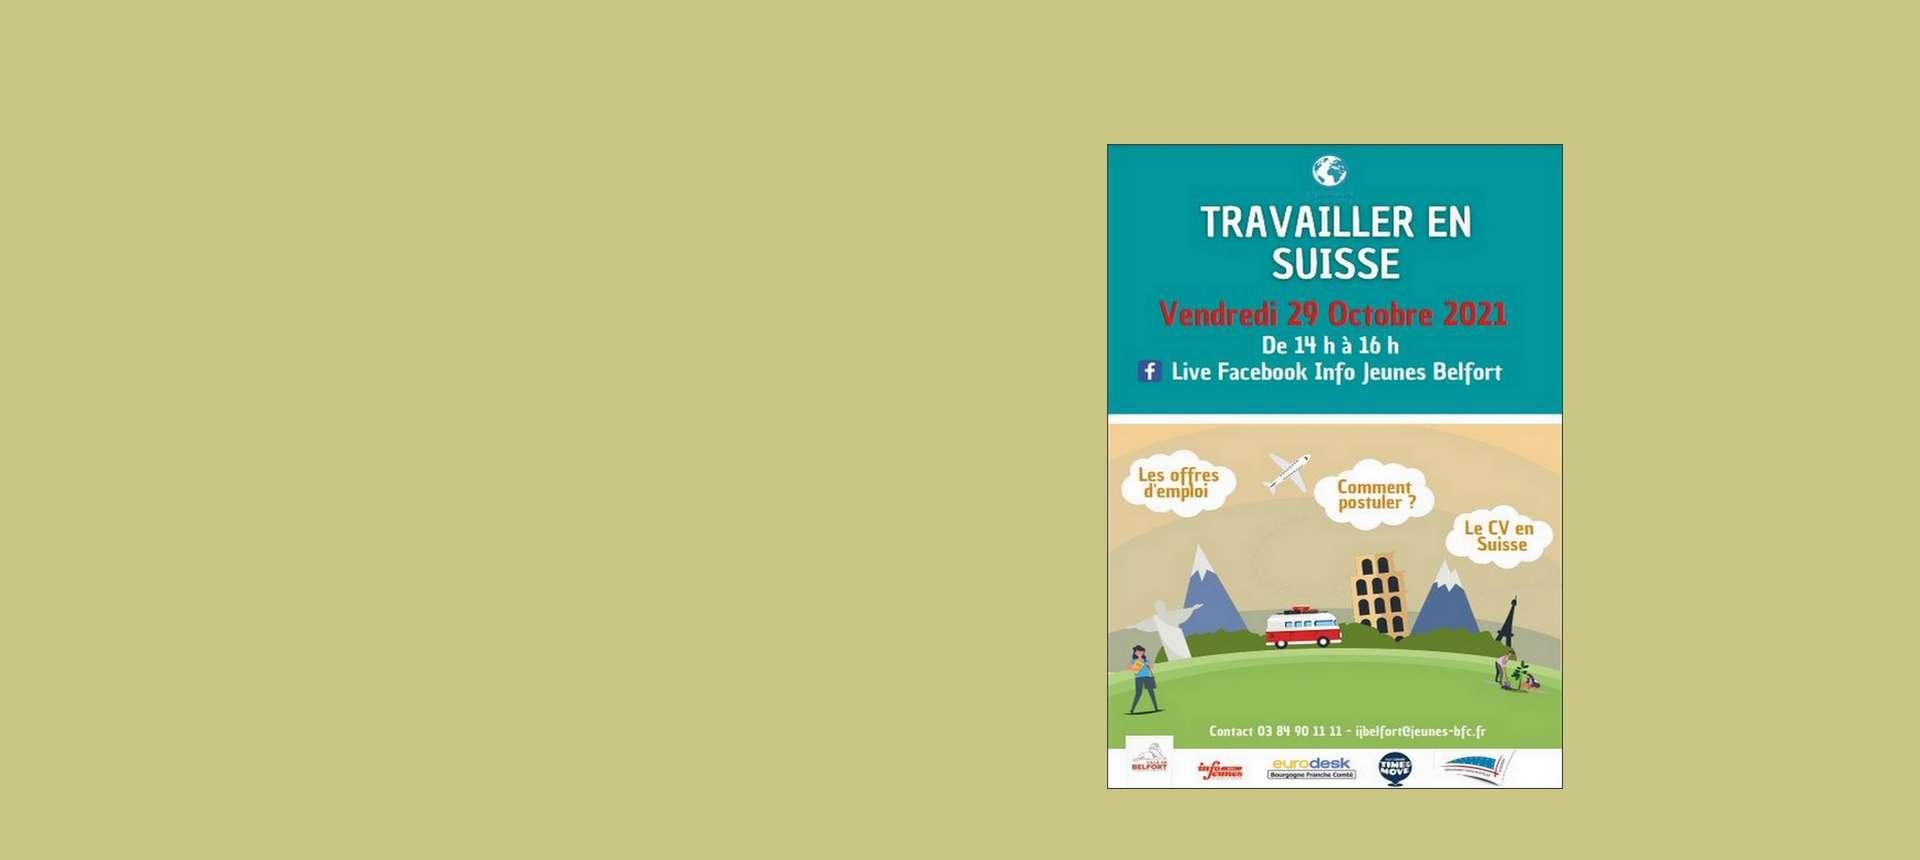 Conférence en ligne Travailler en Suisse le 29 octobre 2021